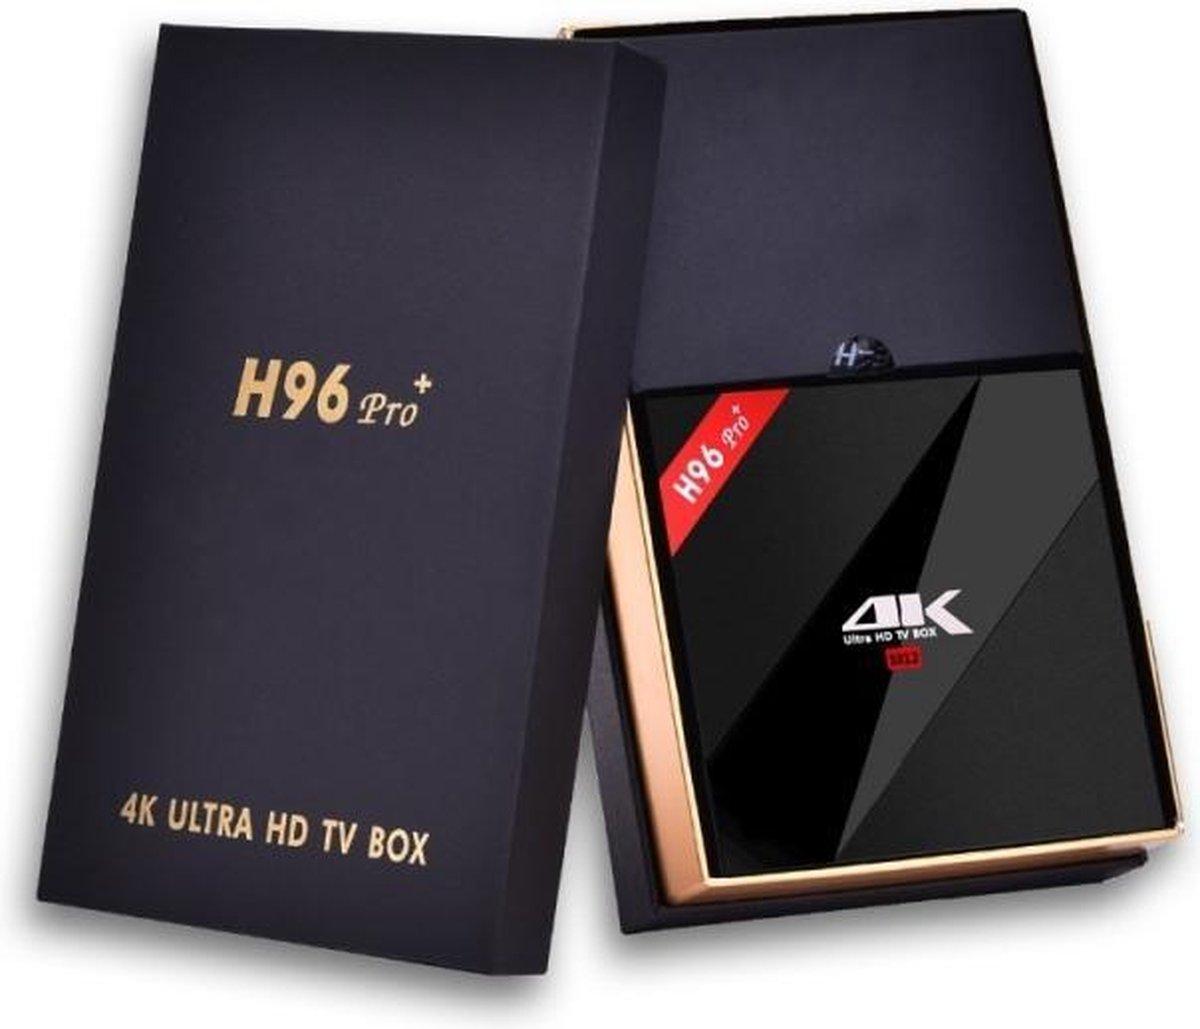 H96 Pro Plus Octa Core S912 mediaspeler – Android TV Box met 3GB DDR3